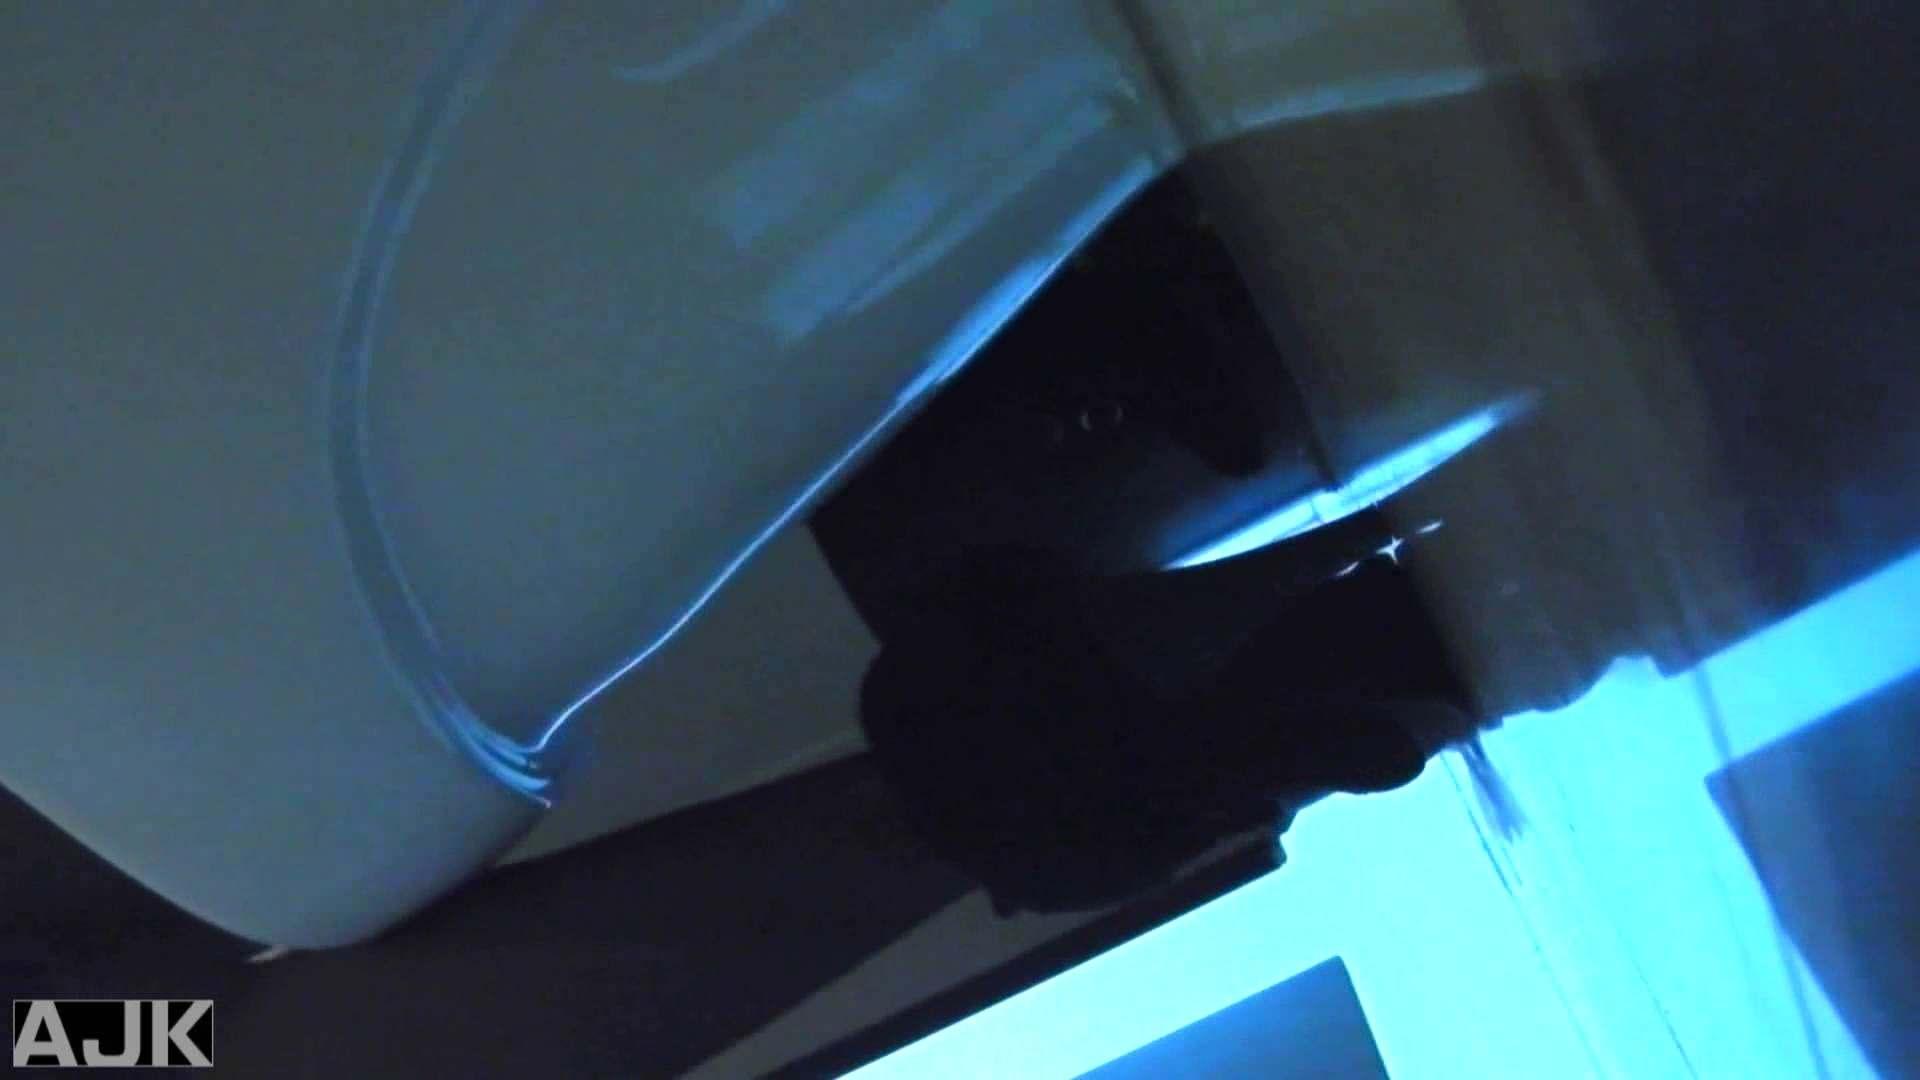 隣国上階級エリアの令嬢たちが集うデパートお手洗い Vol.15 おまんこ オメコ動画キャプチャ 106画像 43